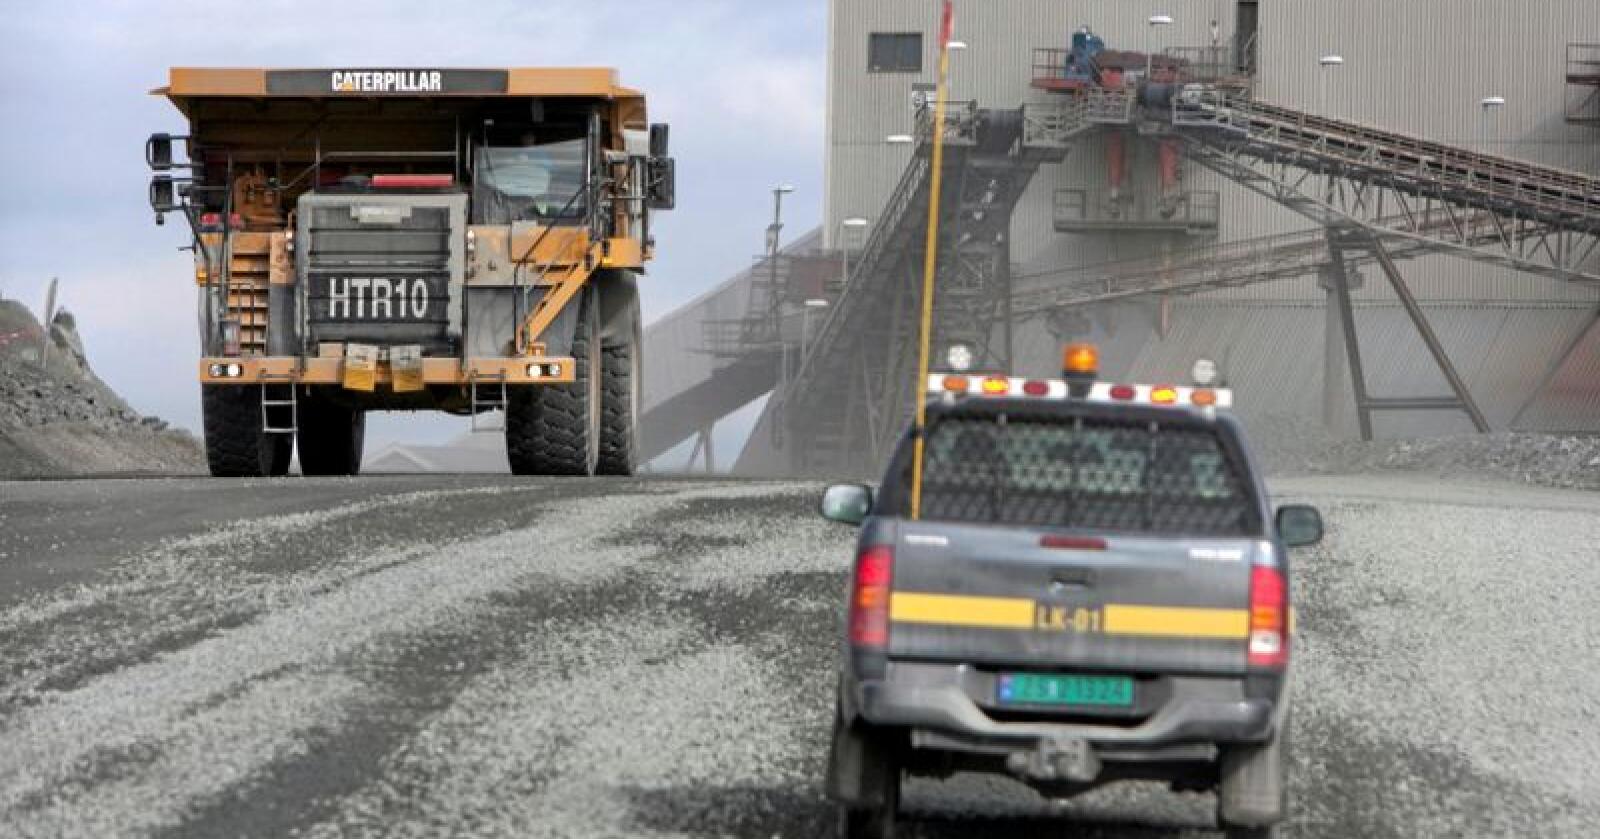 Nærings- og fiskeridepartementet gir driftskonsesjon for utvinning av jernmalm i Sør-Varanger i Finnmark. Vedtaket til Direktoratet for mineralforvaltnings med Bergmesteren for Svalbard (DMF) blir dermed opprettholdt, med noen endrede betingelser. Foto: Jan-Morten Bjørnbakk / NTB scanpix